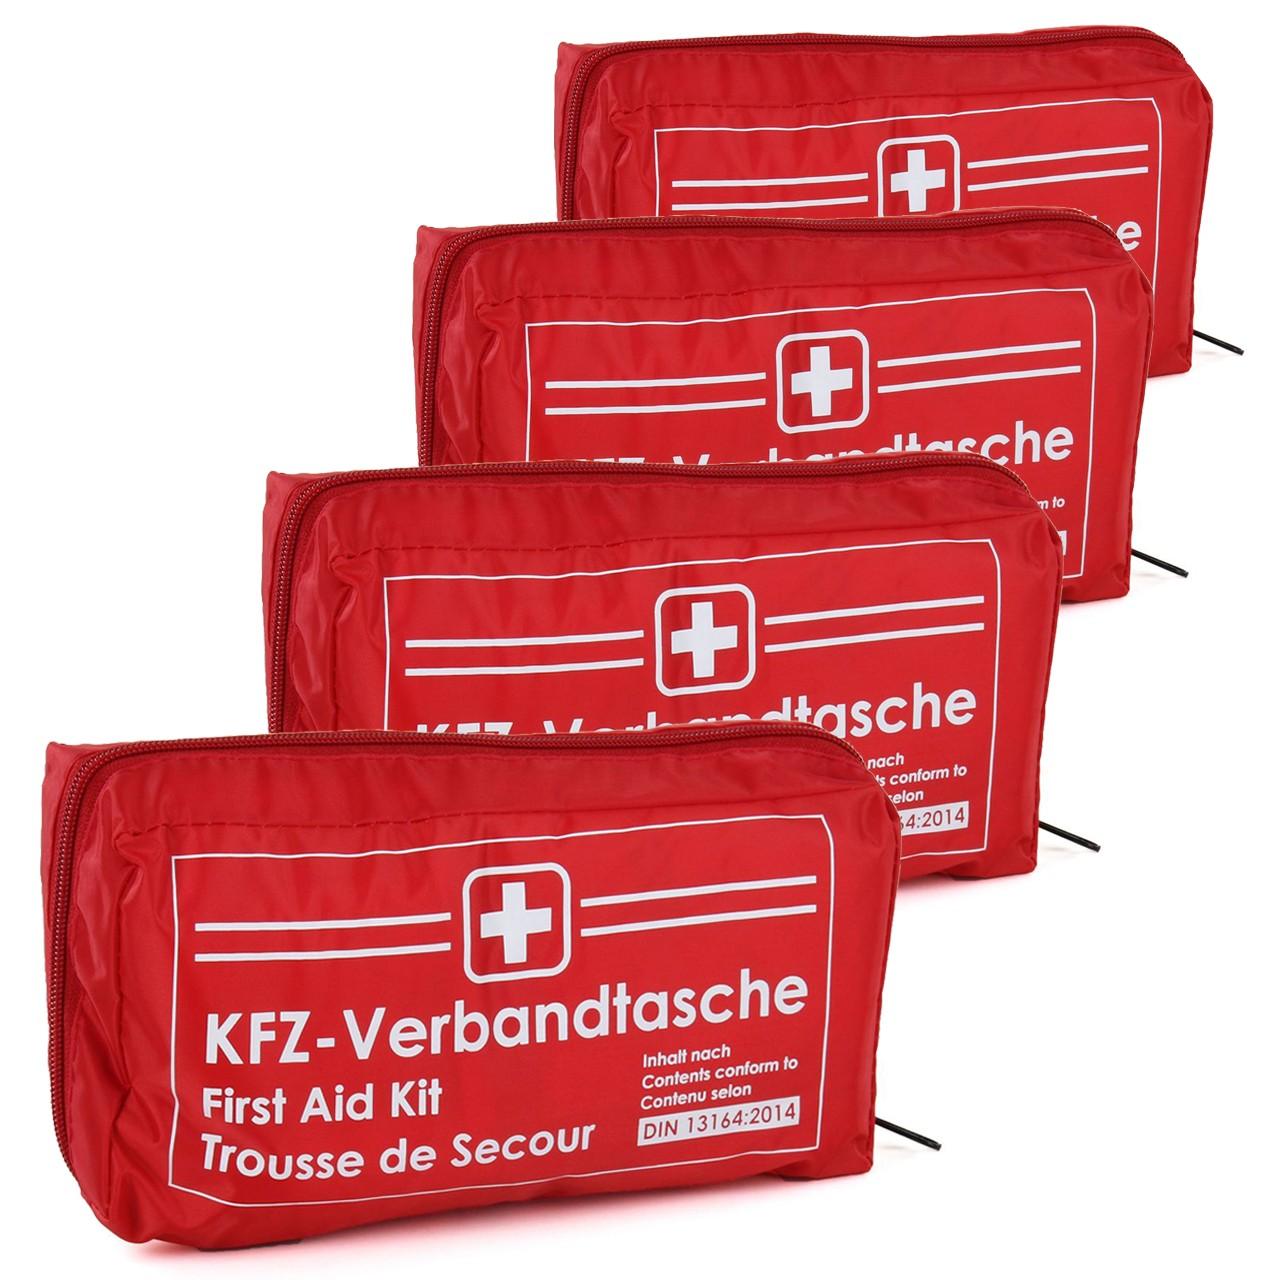 4x KFZ Auto Verbandkasten Verbandskasten ROT Erste Hilfe DIN 13164 MHD 12.2025